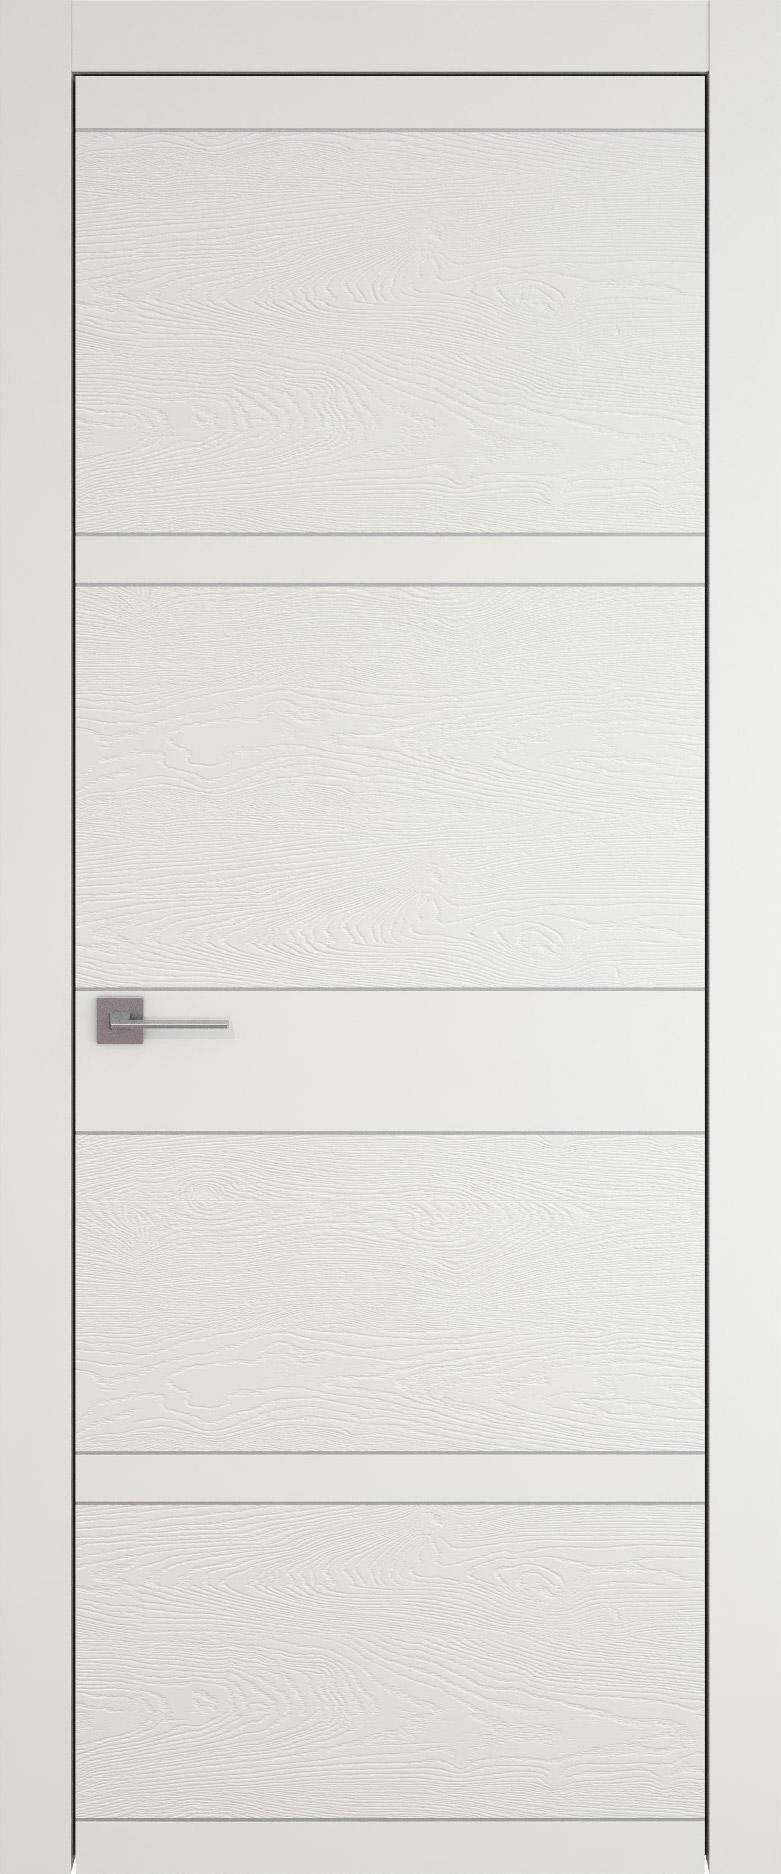 Tivoli Е-2 цвет - Бежевая эмаль-эмаль по шпону (RAL 9010) Без стекла (ДГ)